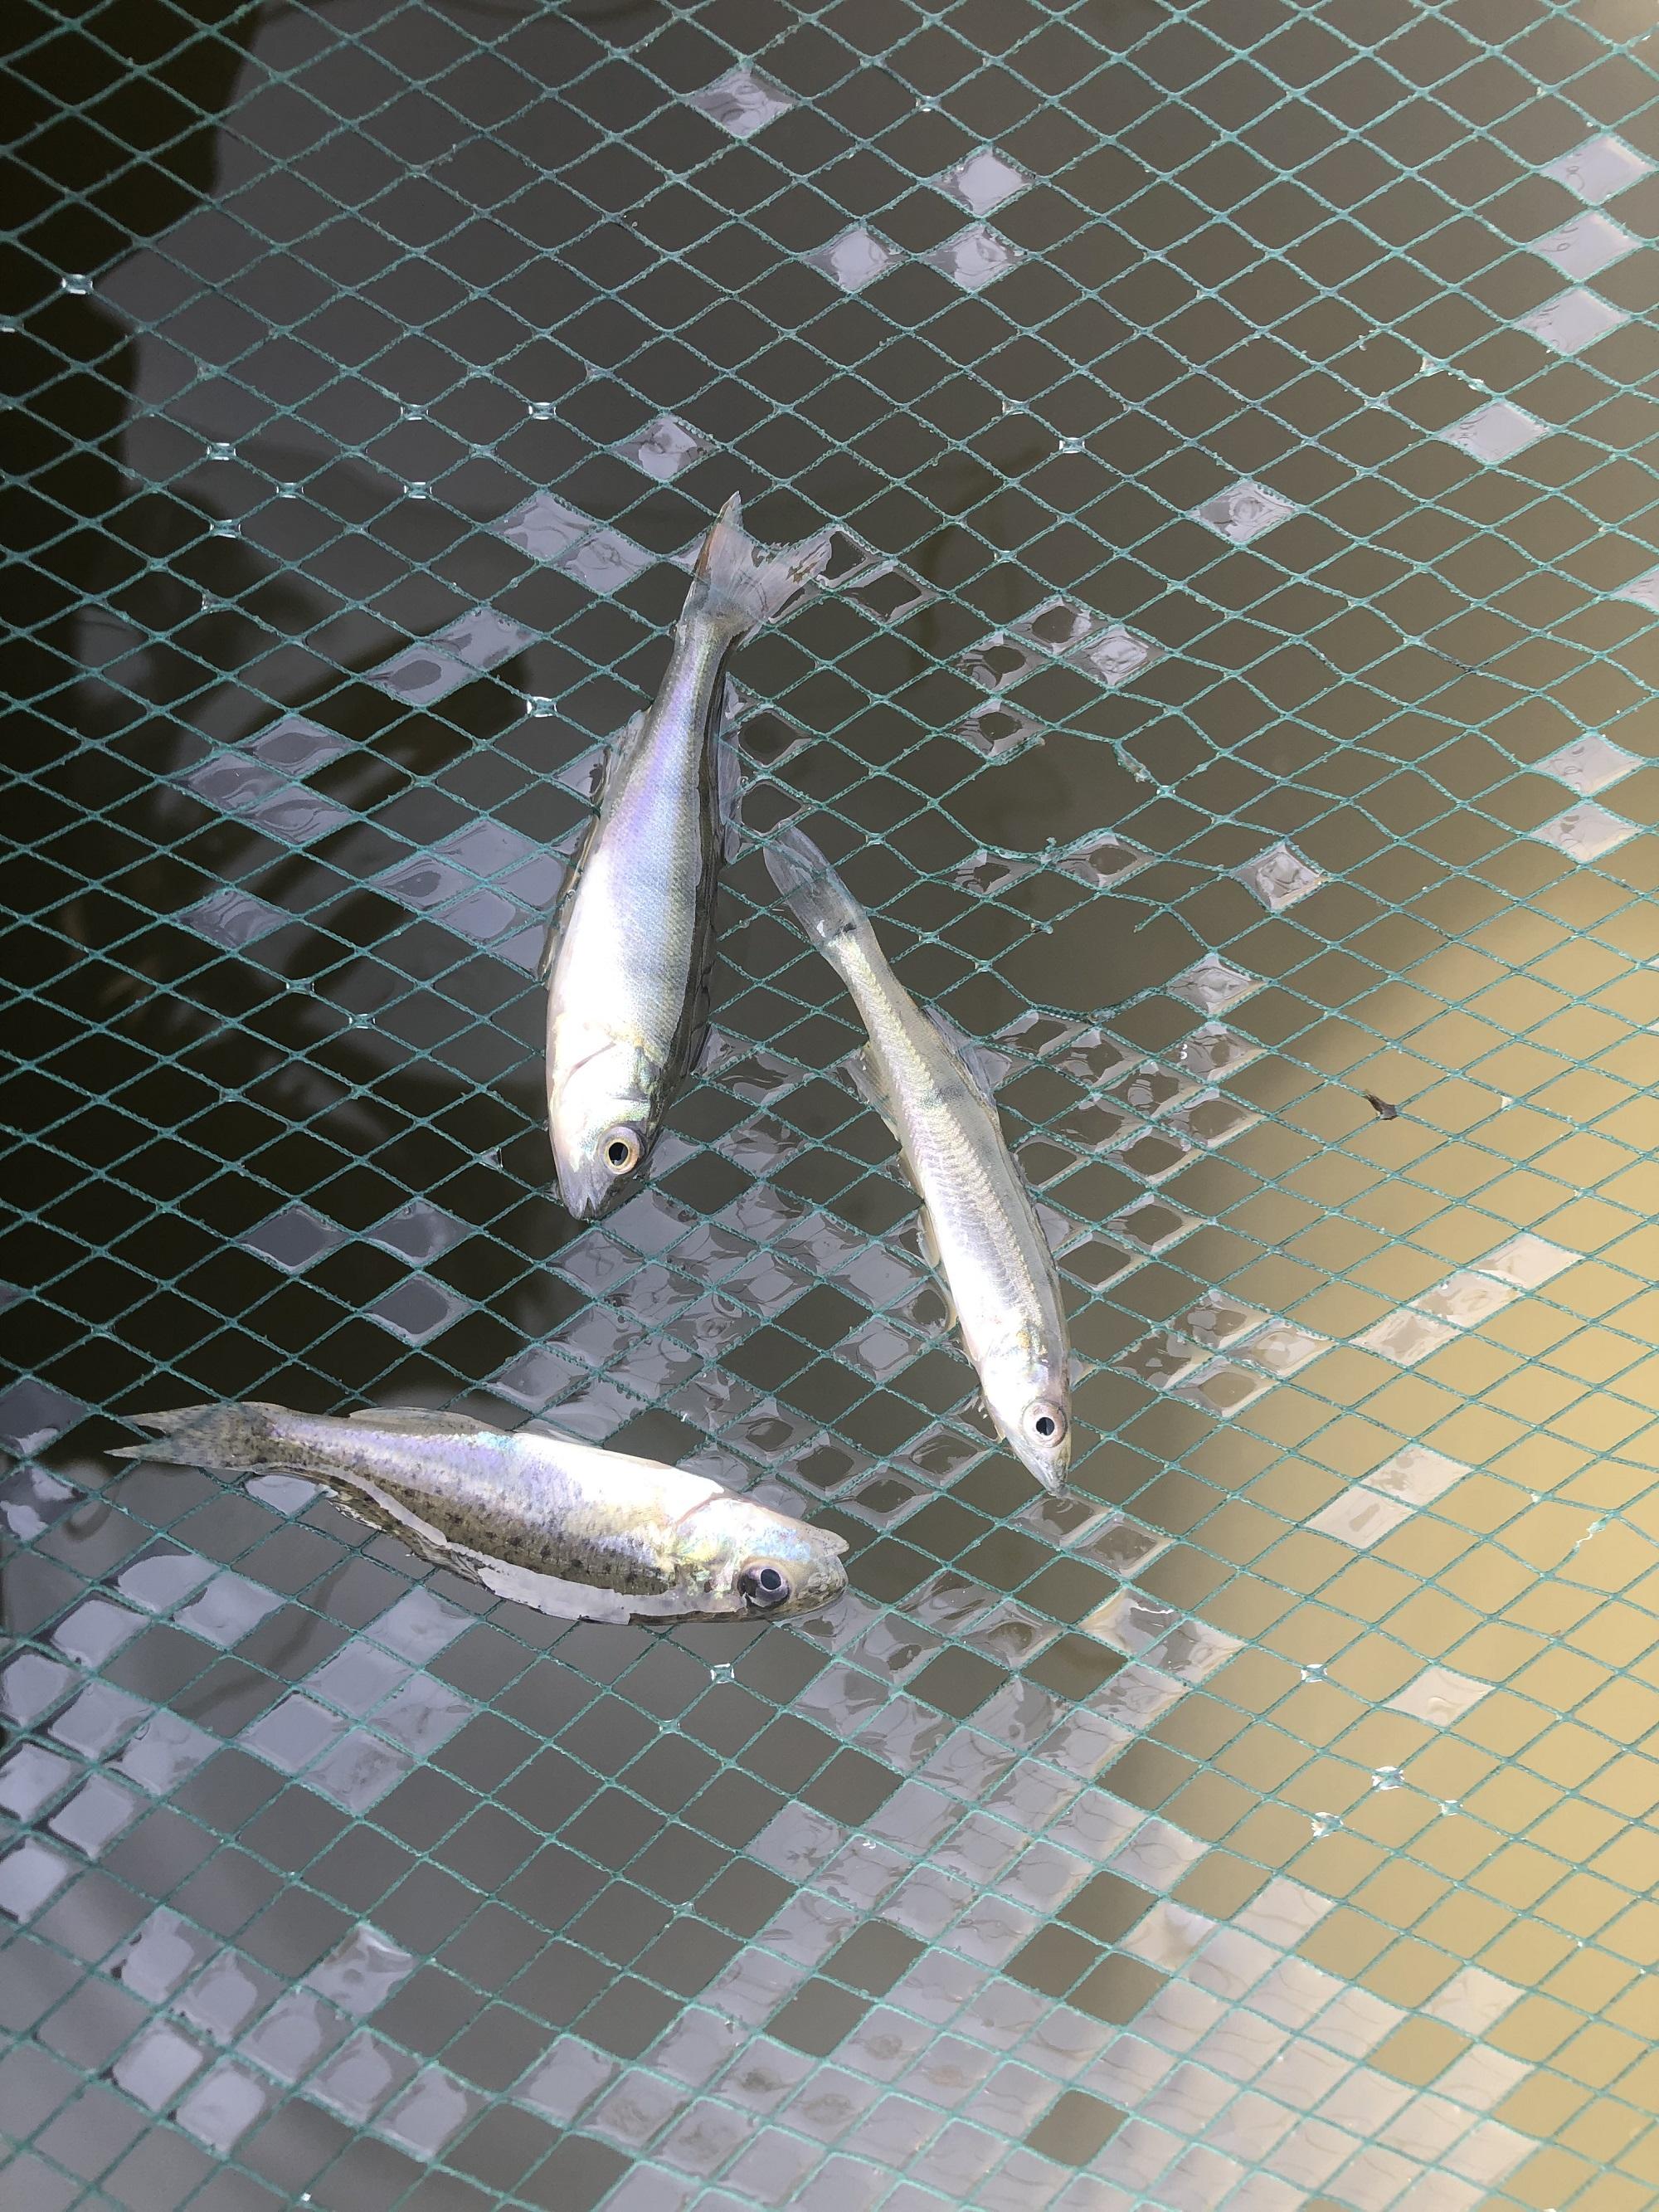 Kaulbarsche könnt Ihr mit einer Köderfischsenke fangen. Kaulbarsch (unten), Zander (rechts) und Barsch (oben) kommen in denselben Gewässern vor (Foto: Jesco Peschutter)